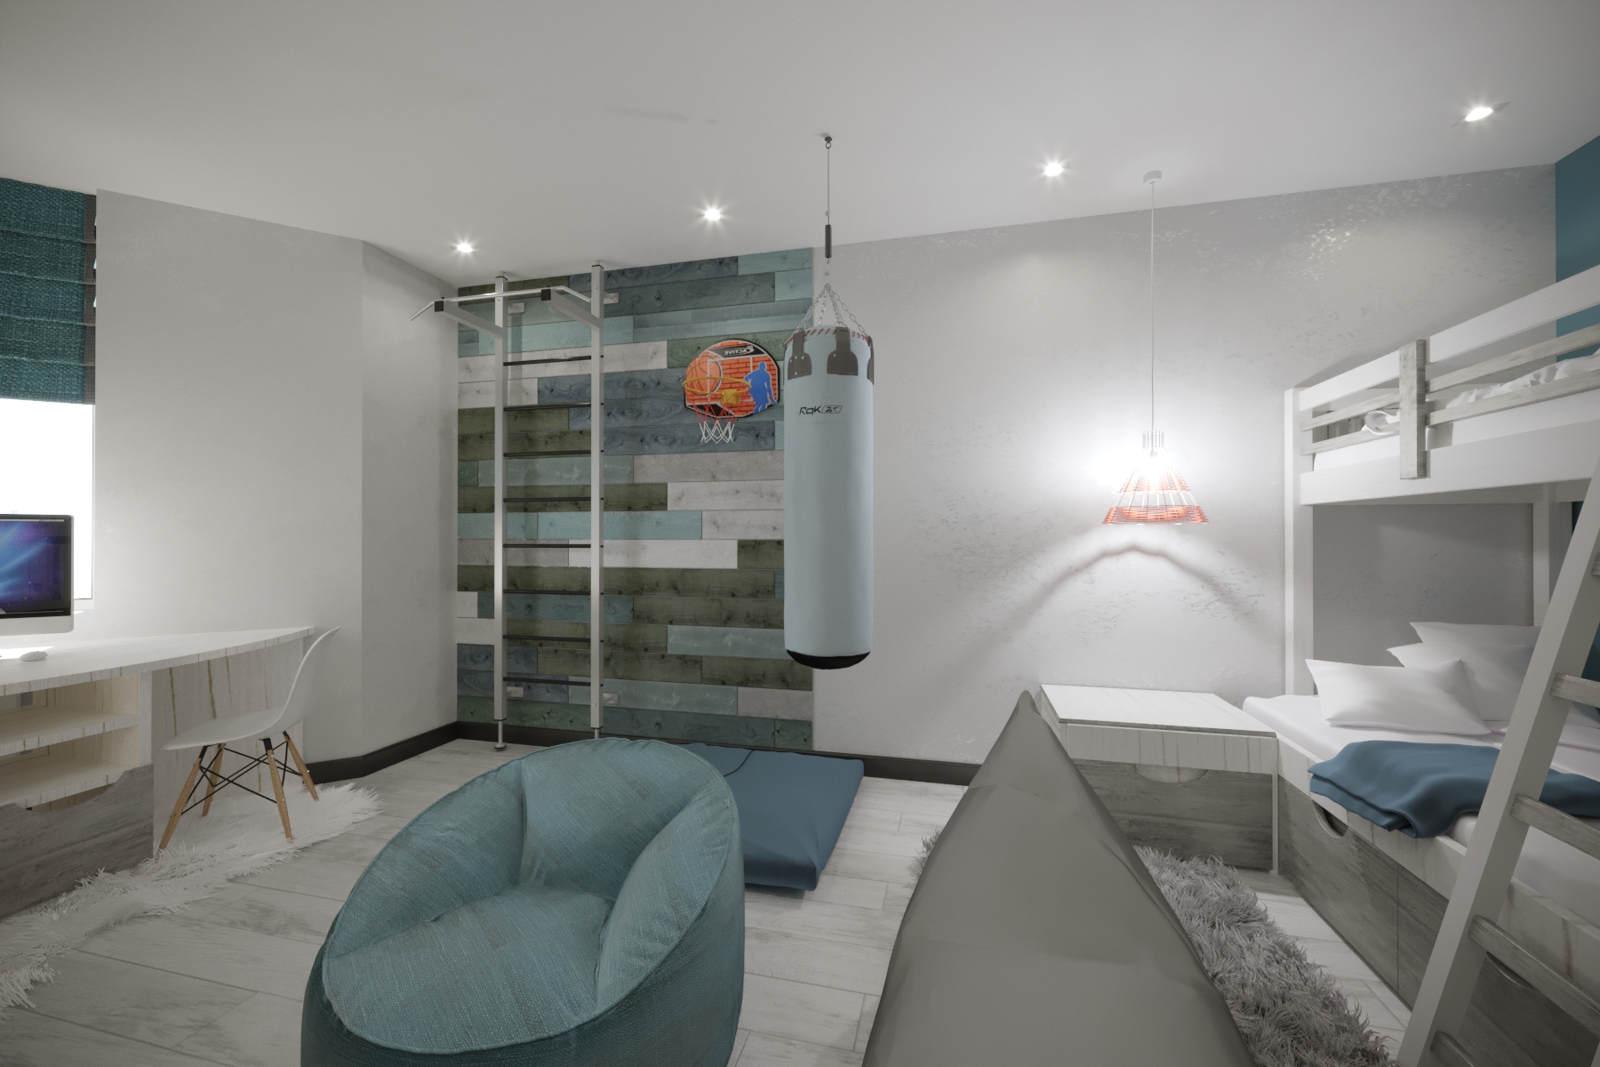 Дизайн детской комнаты Киев лофт для подростка, современный интерьер, скандинавский, новые идеи рабочее место, бетон на стенах